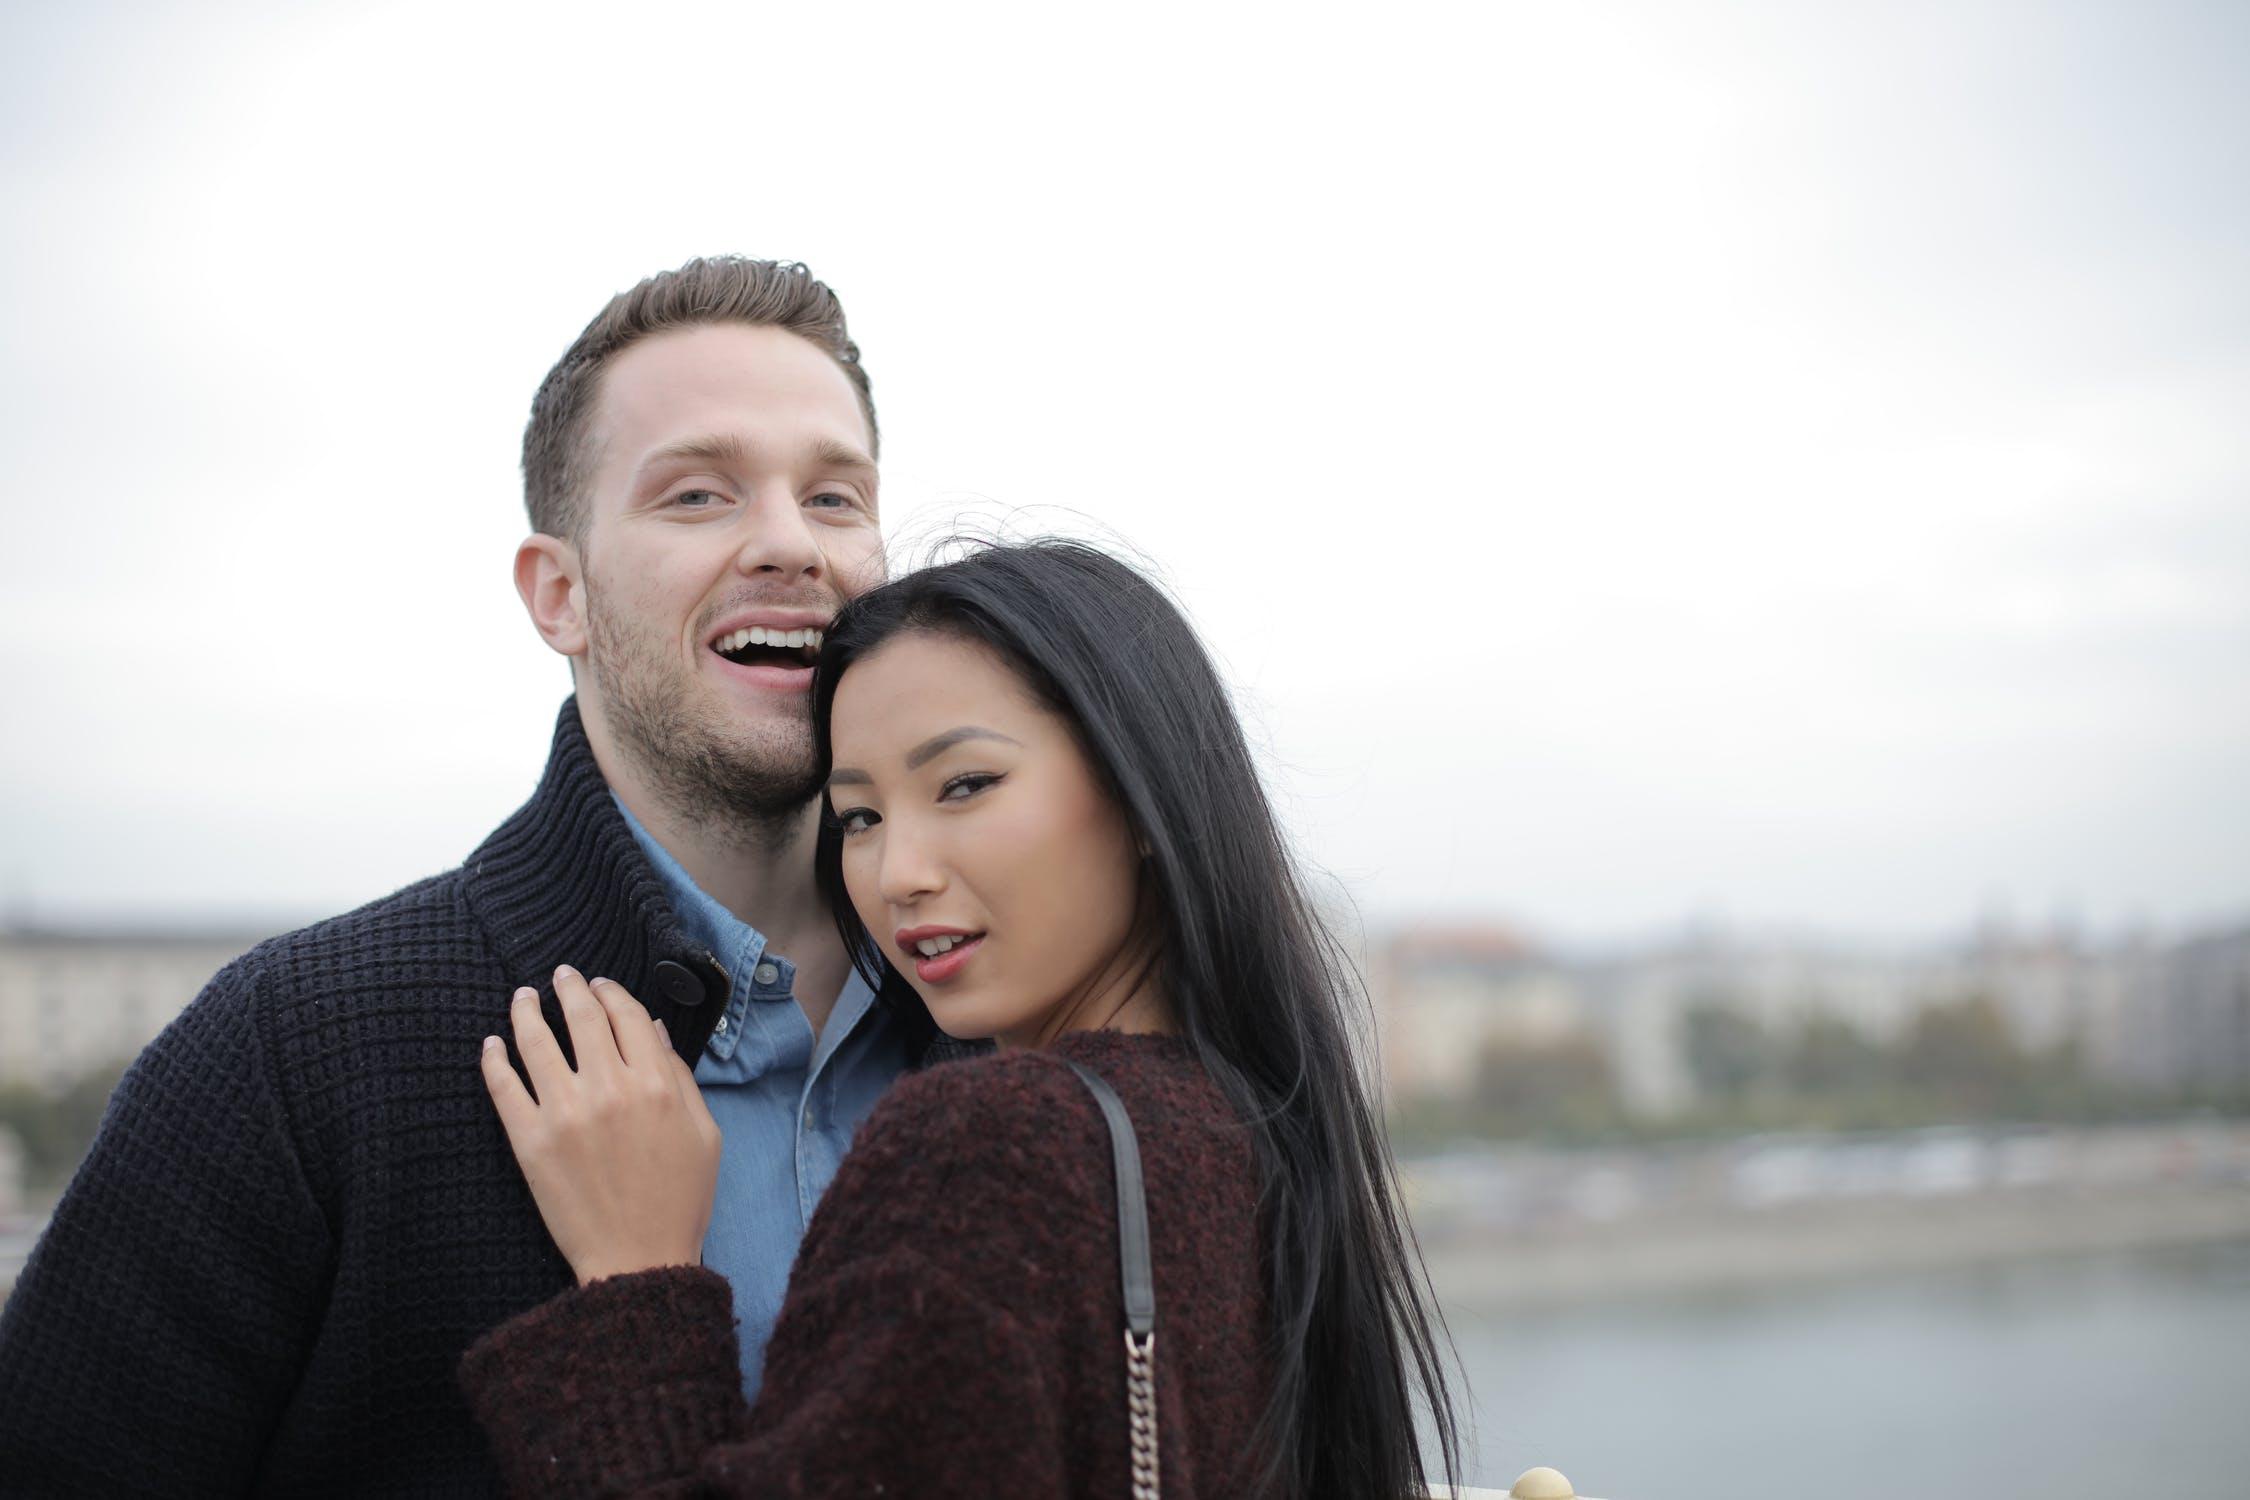 ข้อดีของการมีแฟนเป็นชาวต่างชาติ